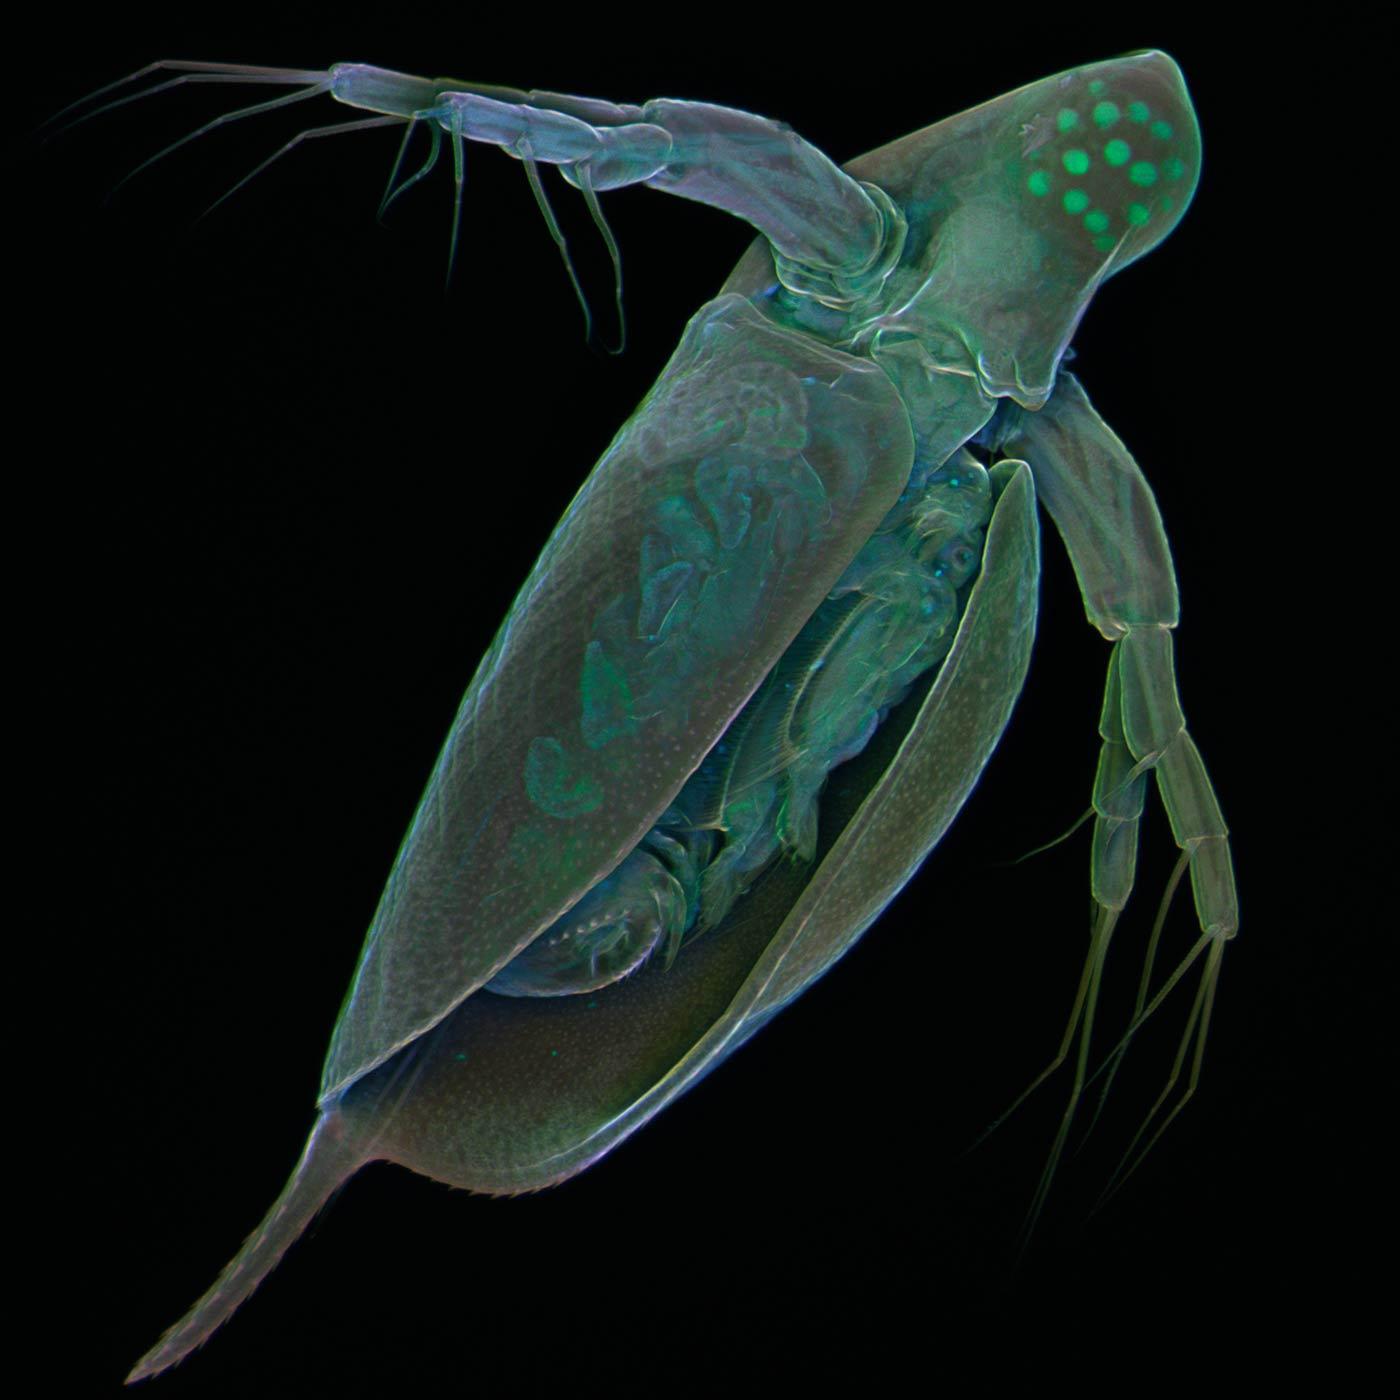 The freshwater crustacean Daphnia